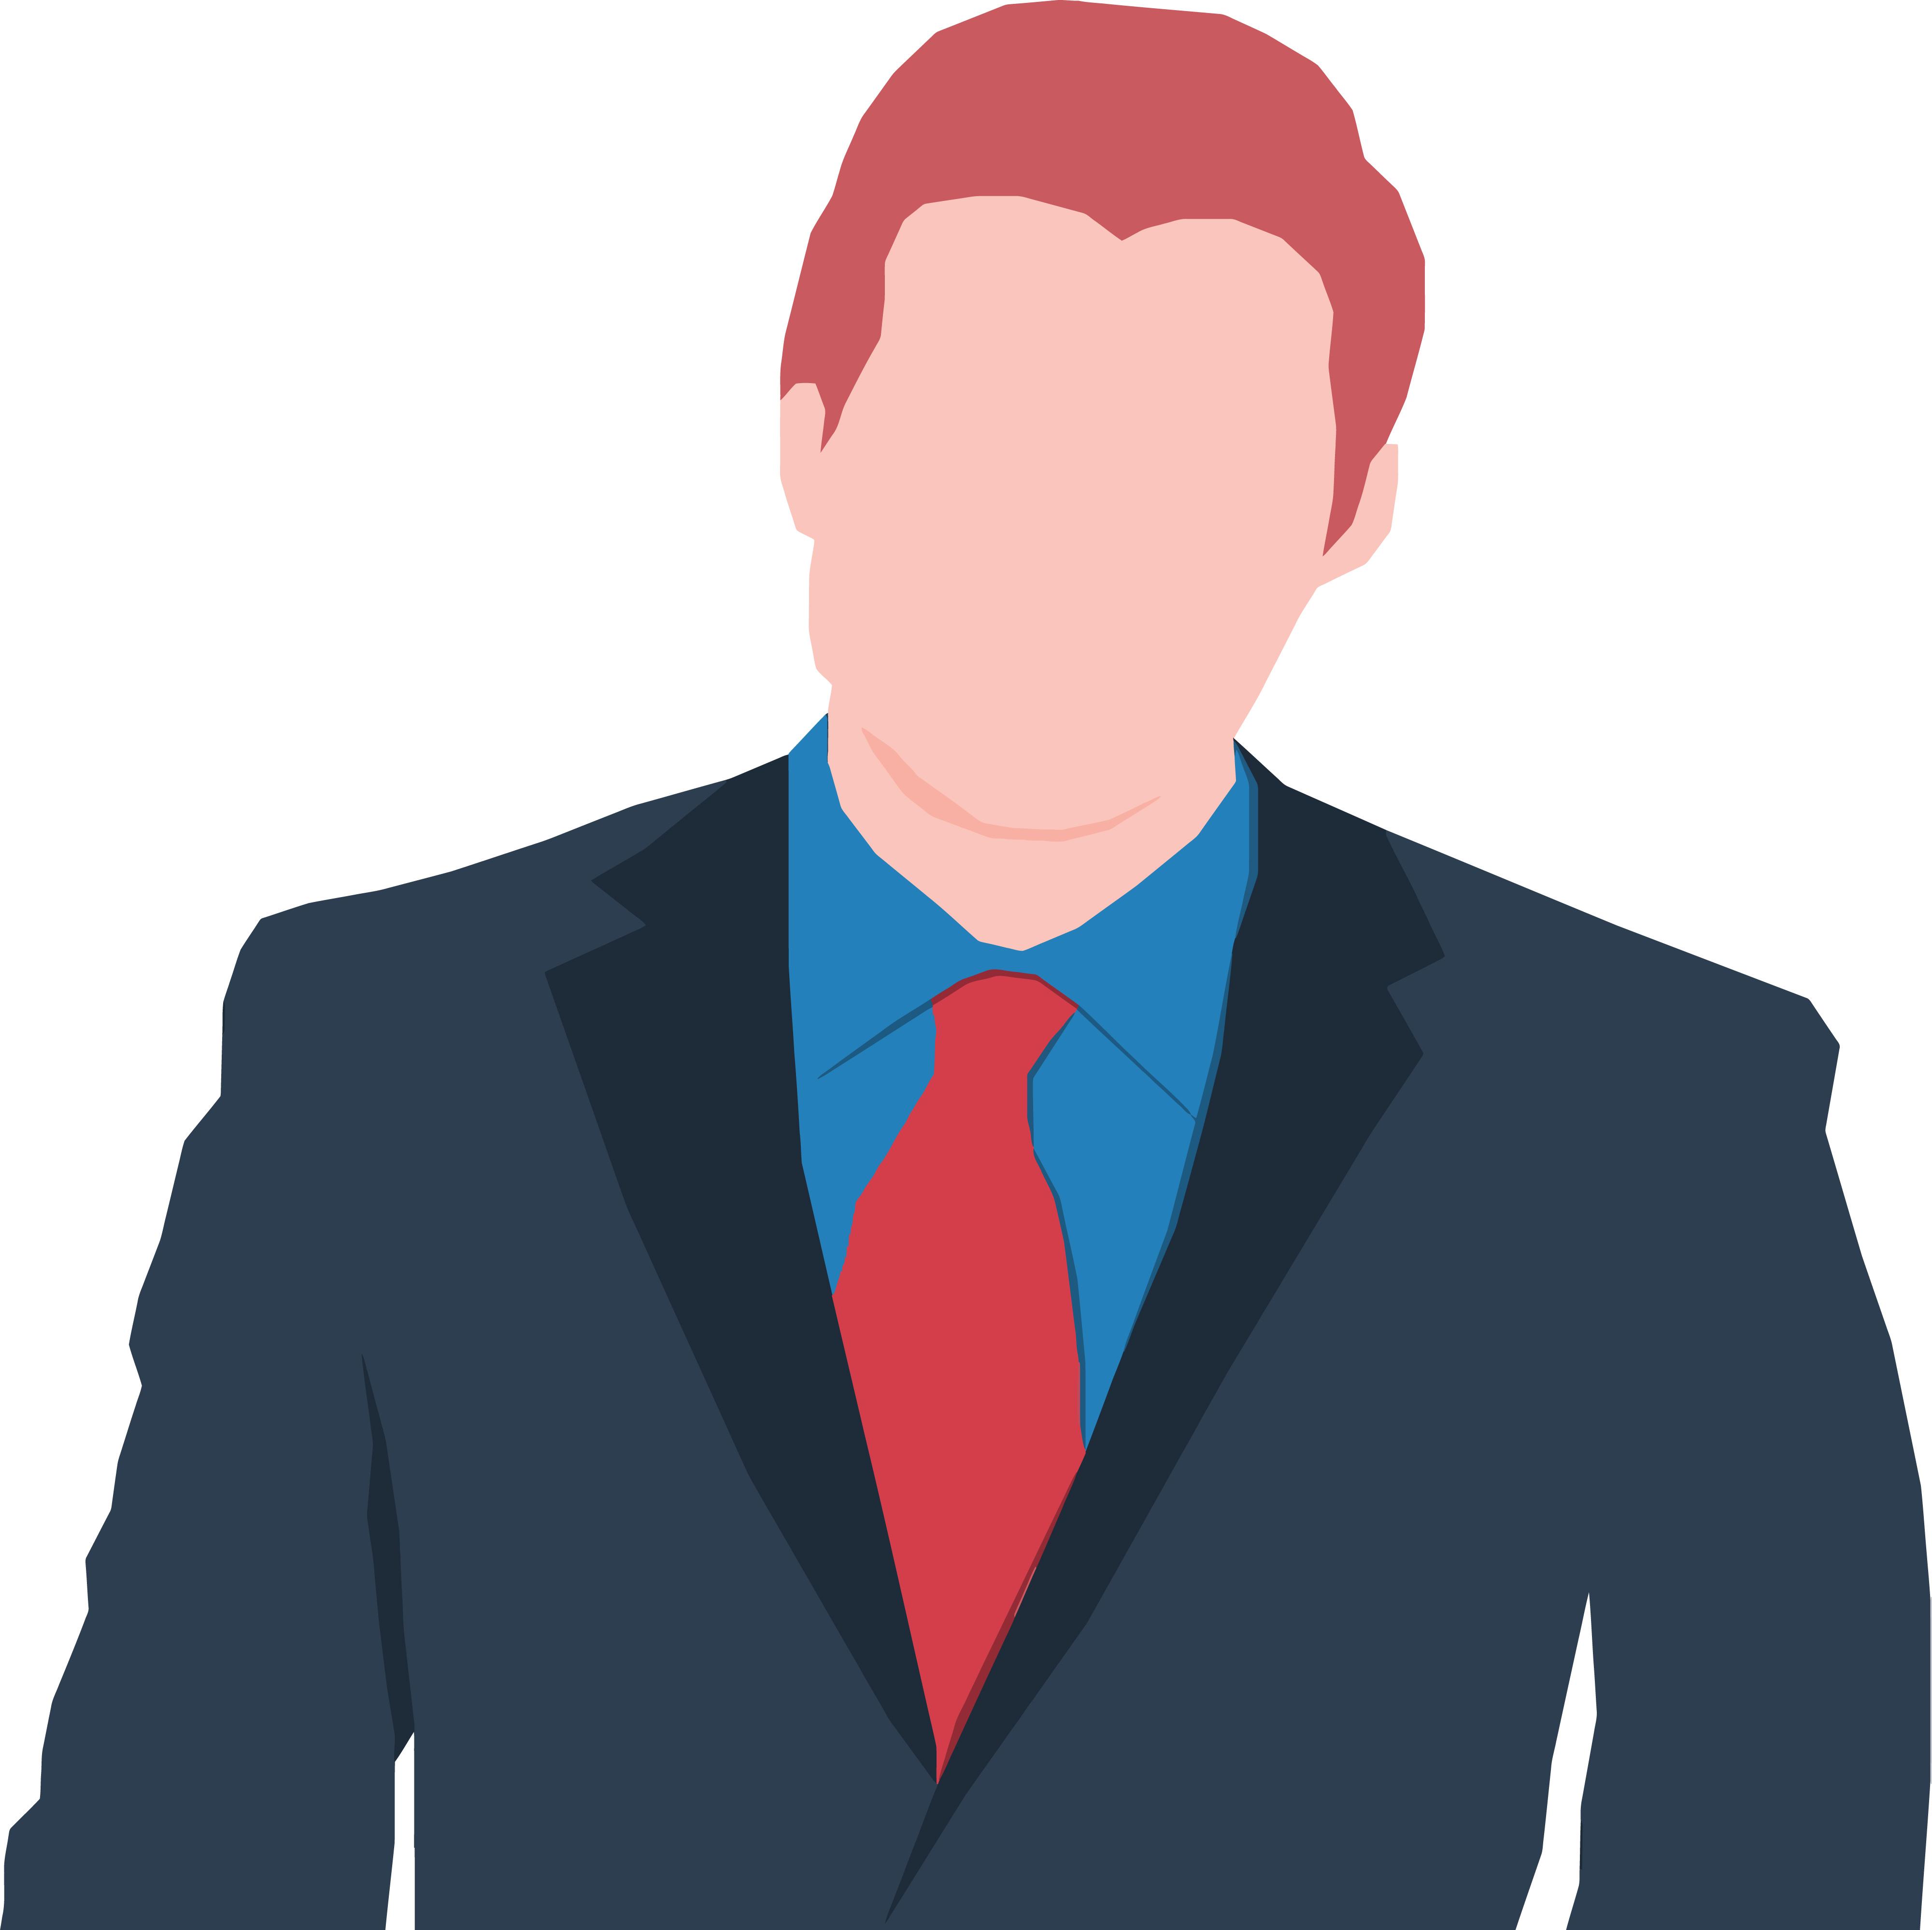 4000x3995 Clipart Of A Faceless Business Man Avatar